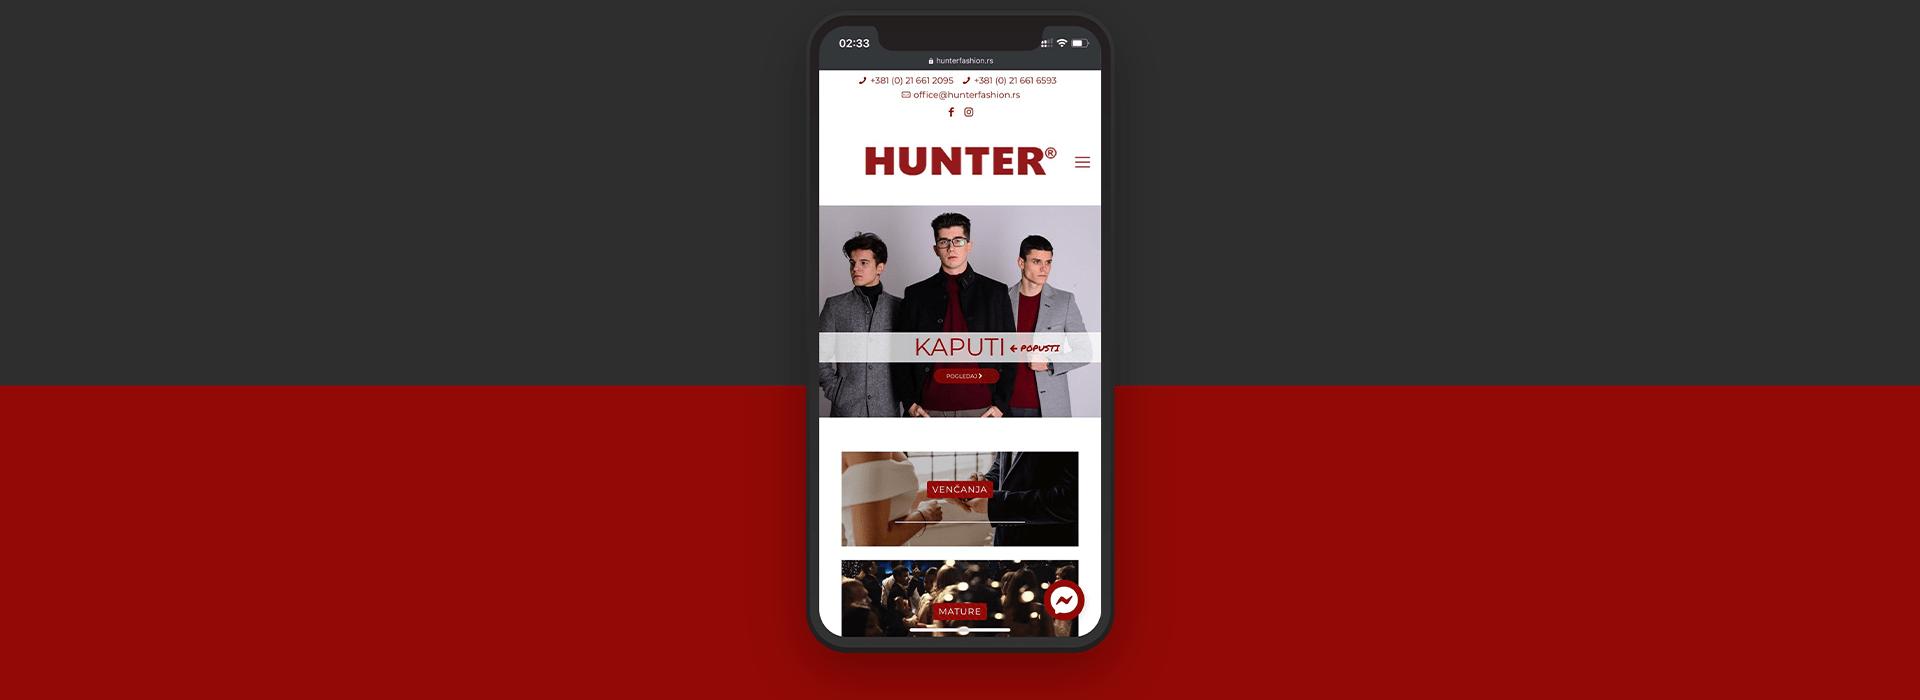 hunterprelaz3